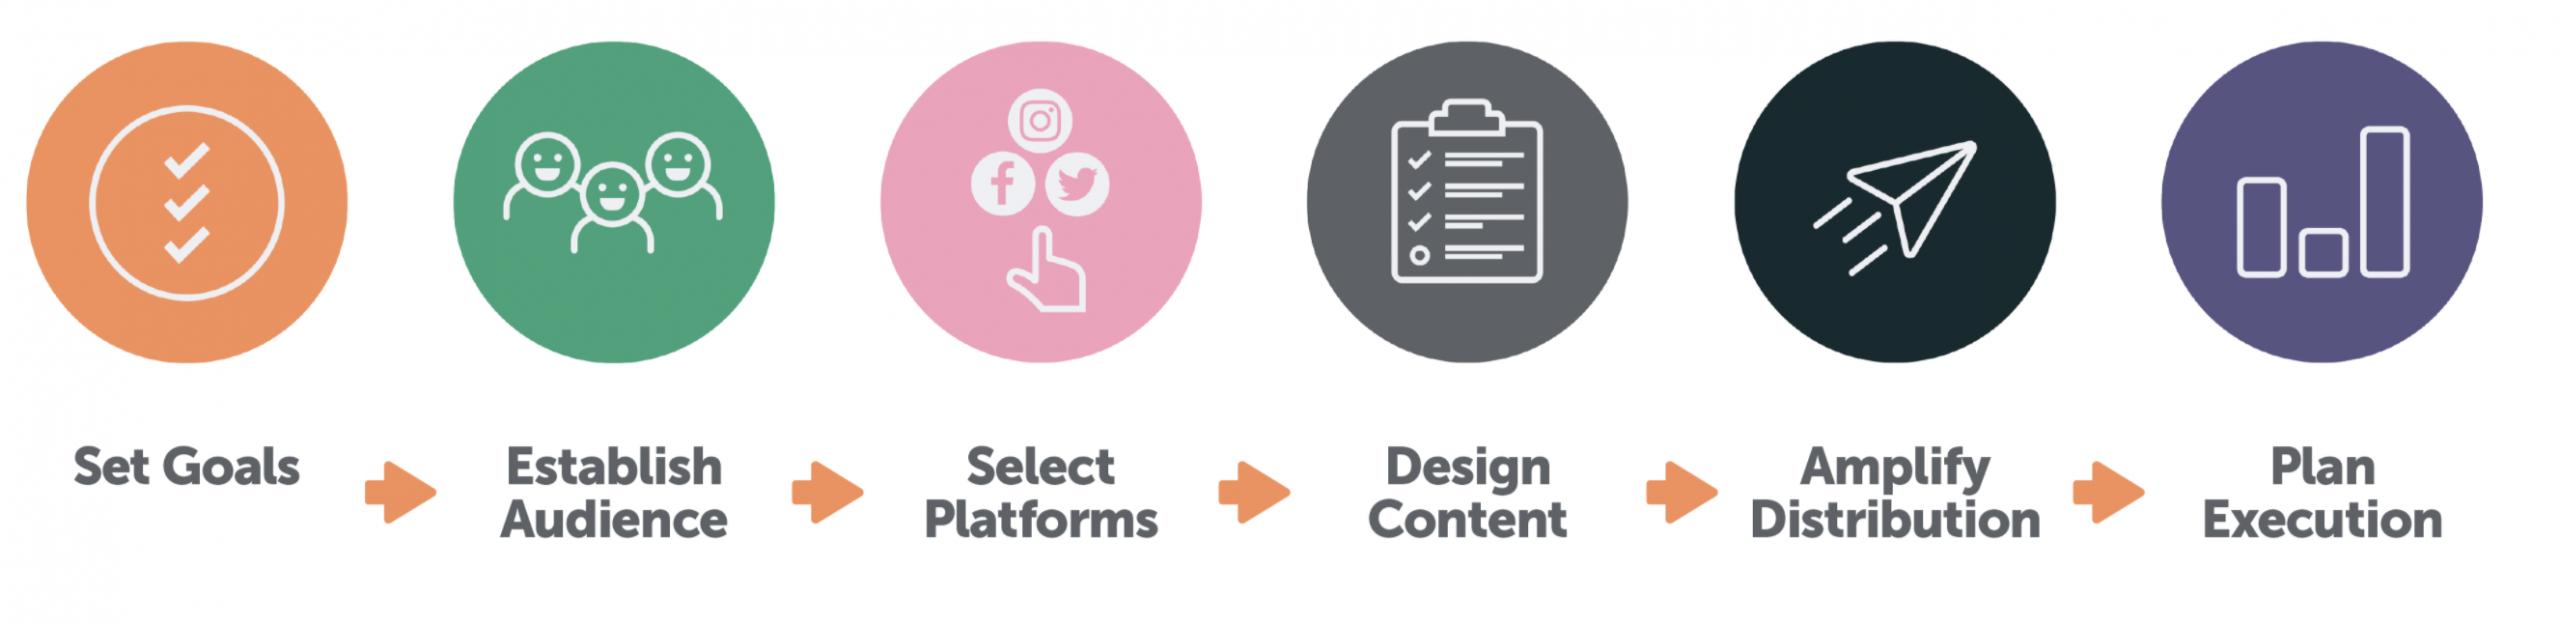 6 Steps Social Media Frameworks